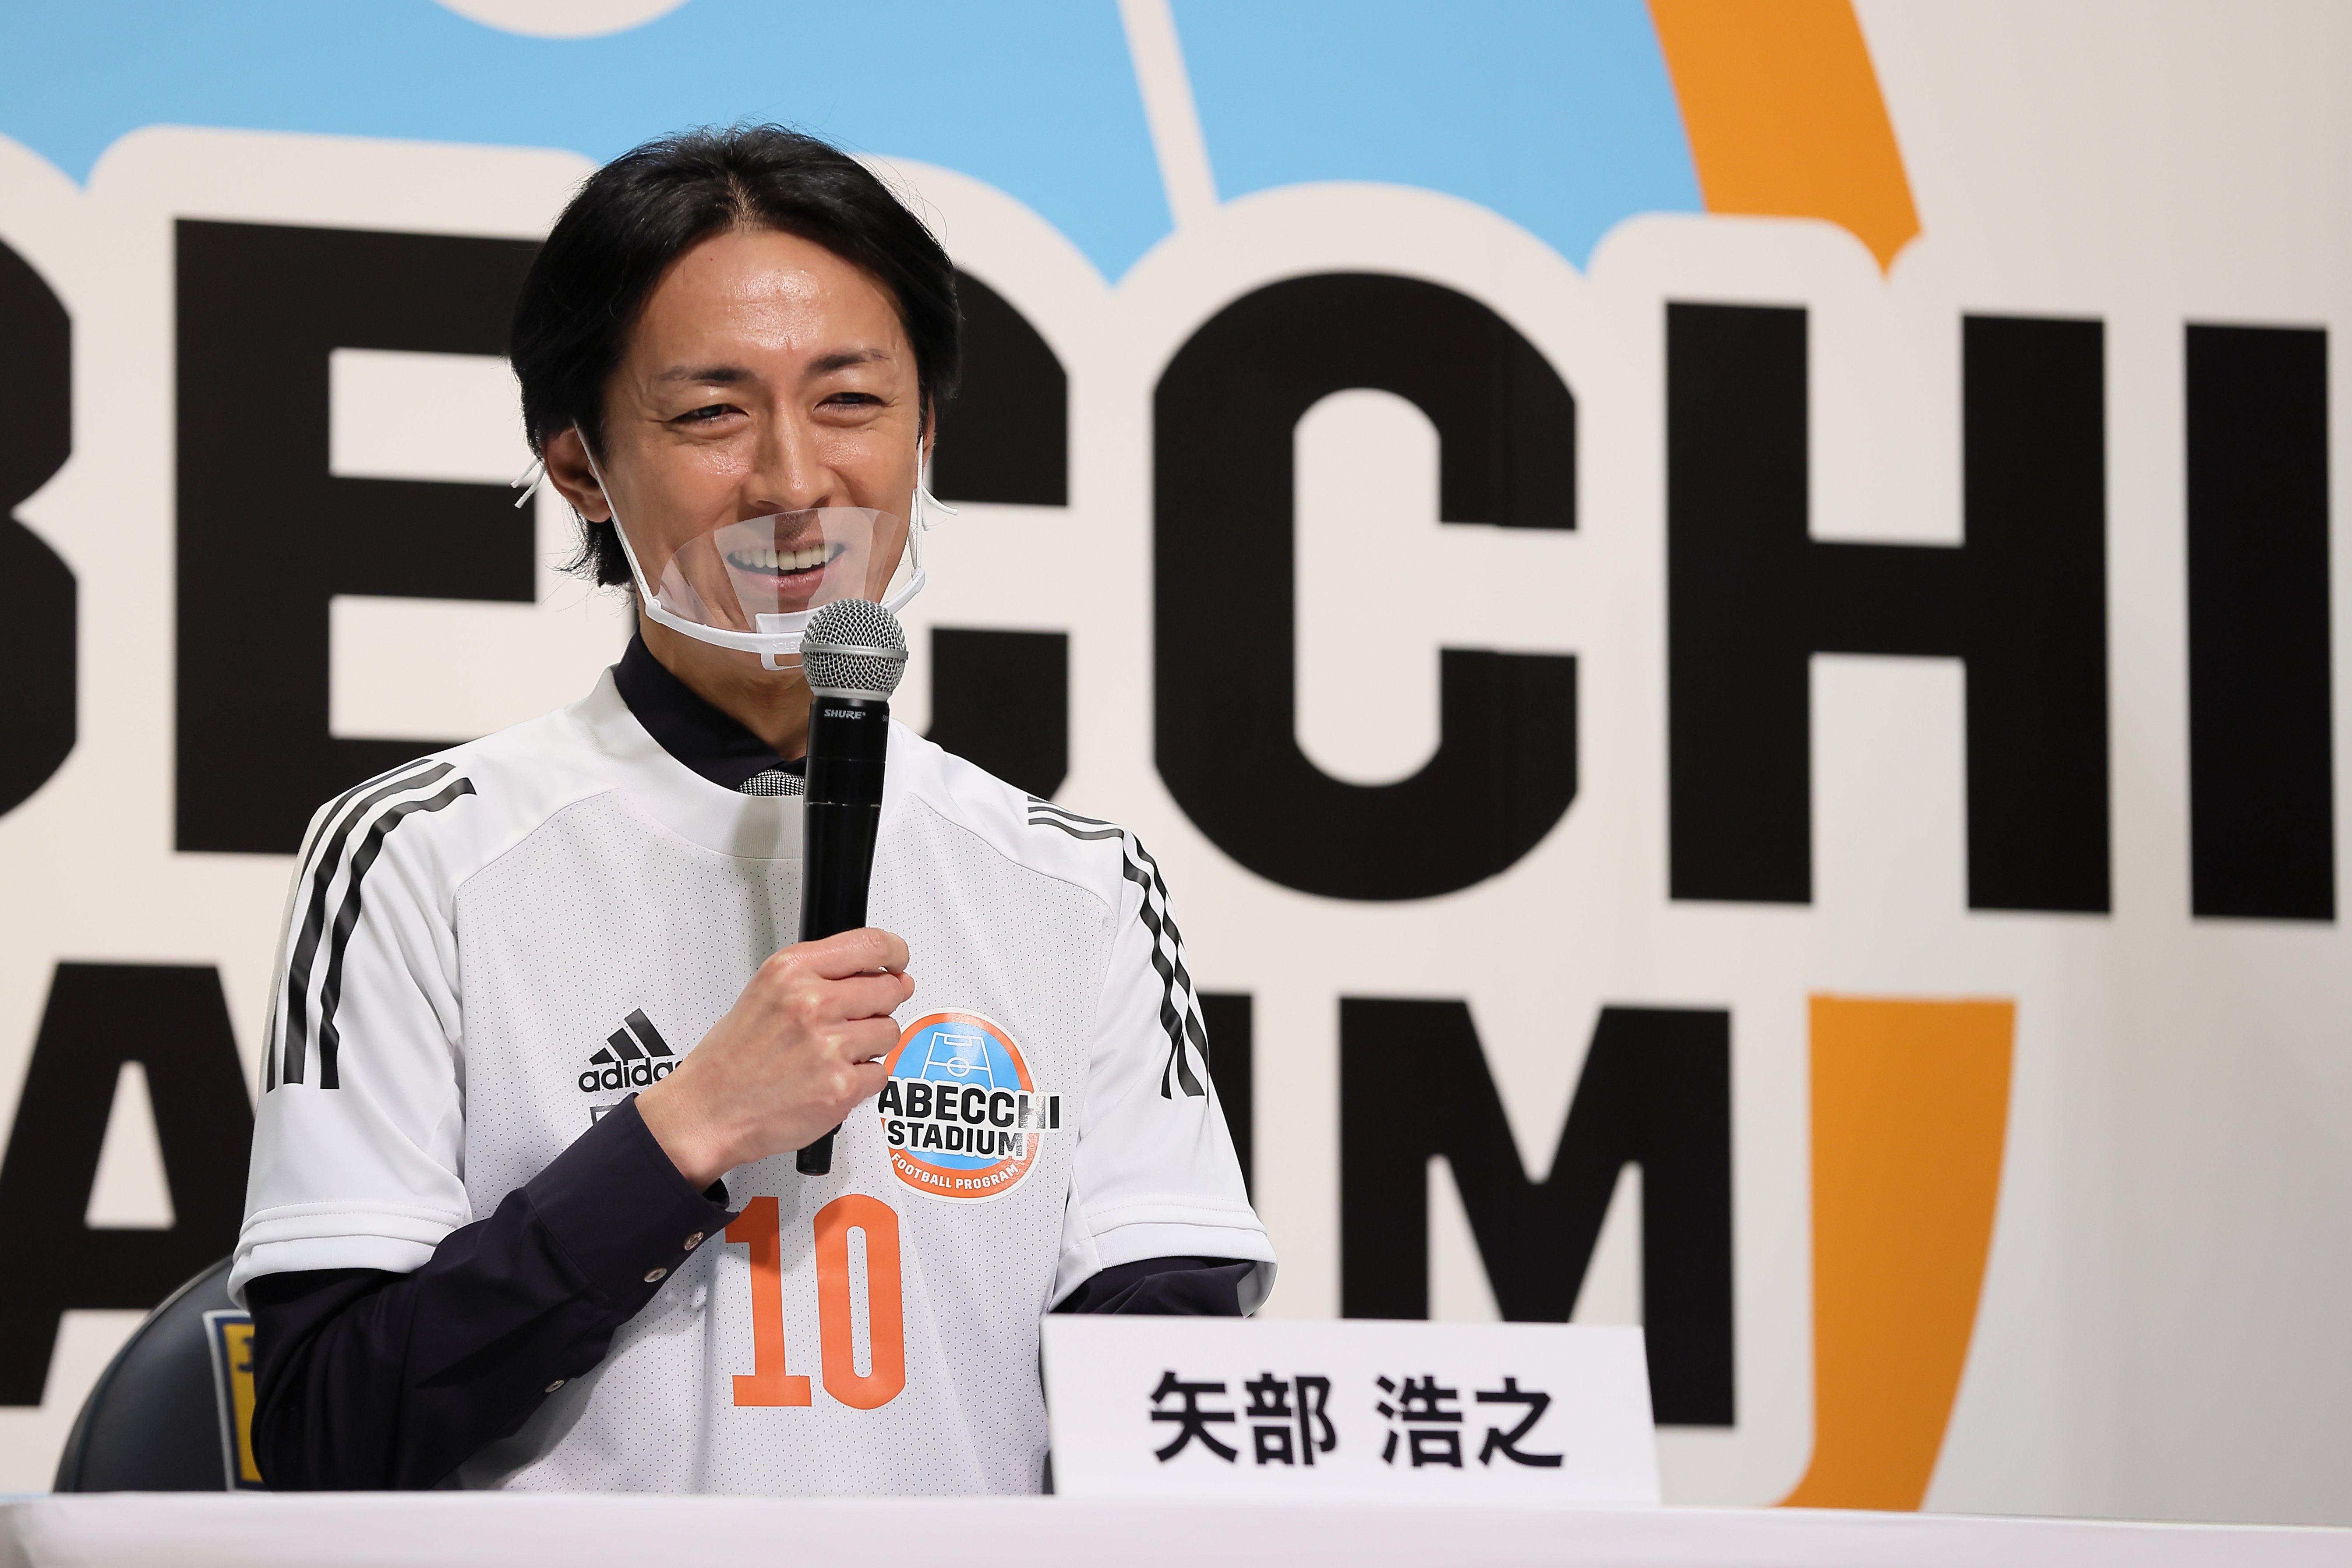 ユニークな番組発表記者会見では、三浦知良選手や中村俊輔選手をはじめ、豪華な顔ぶれからお祝いのメッセージが届いた